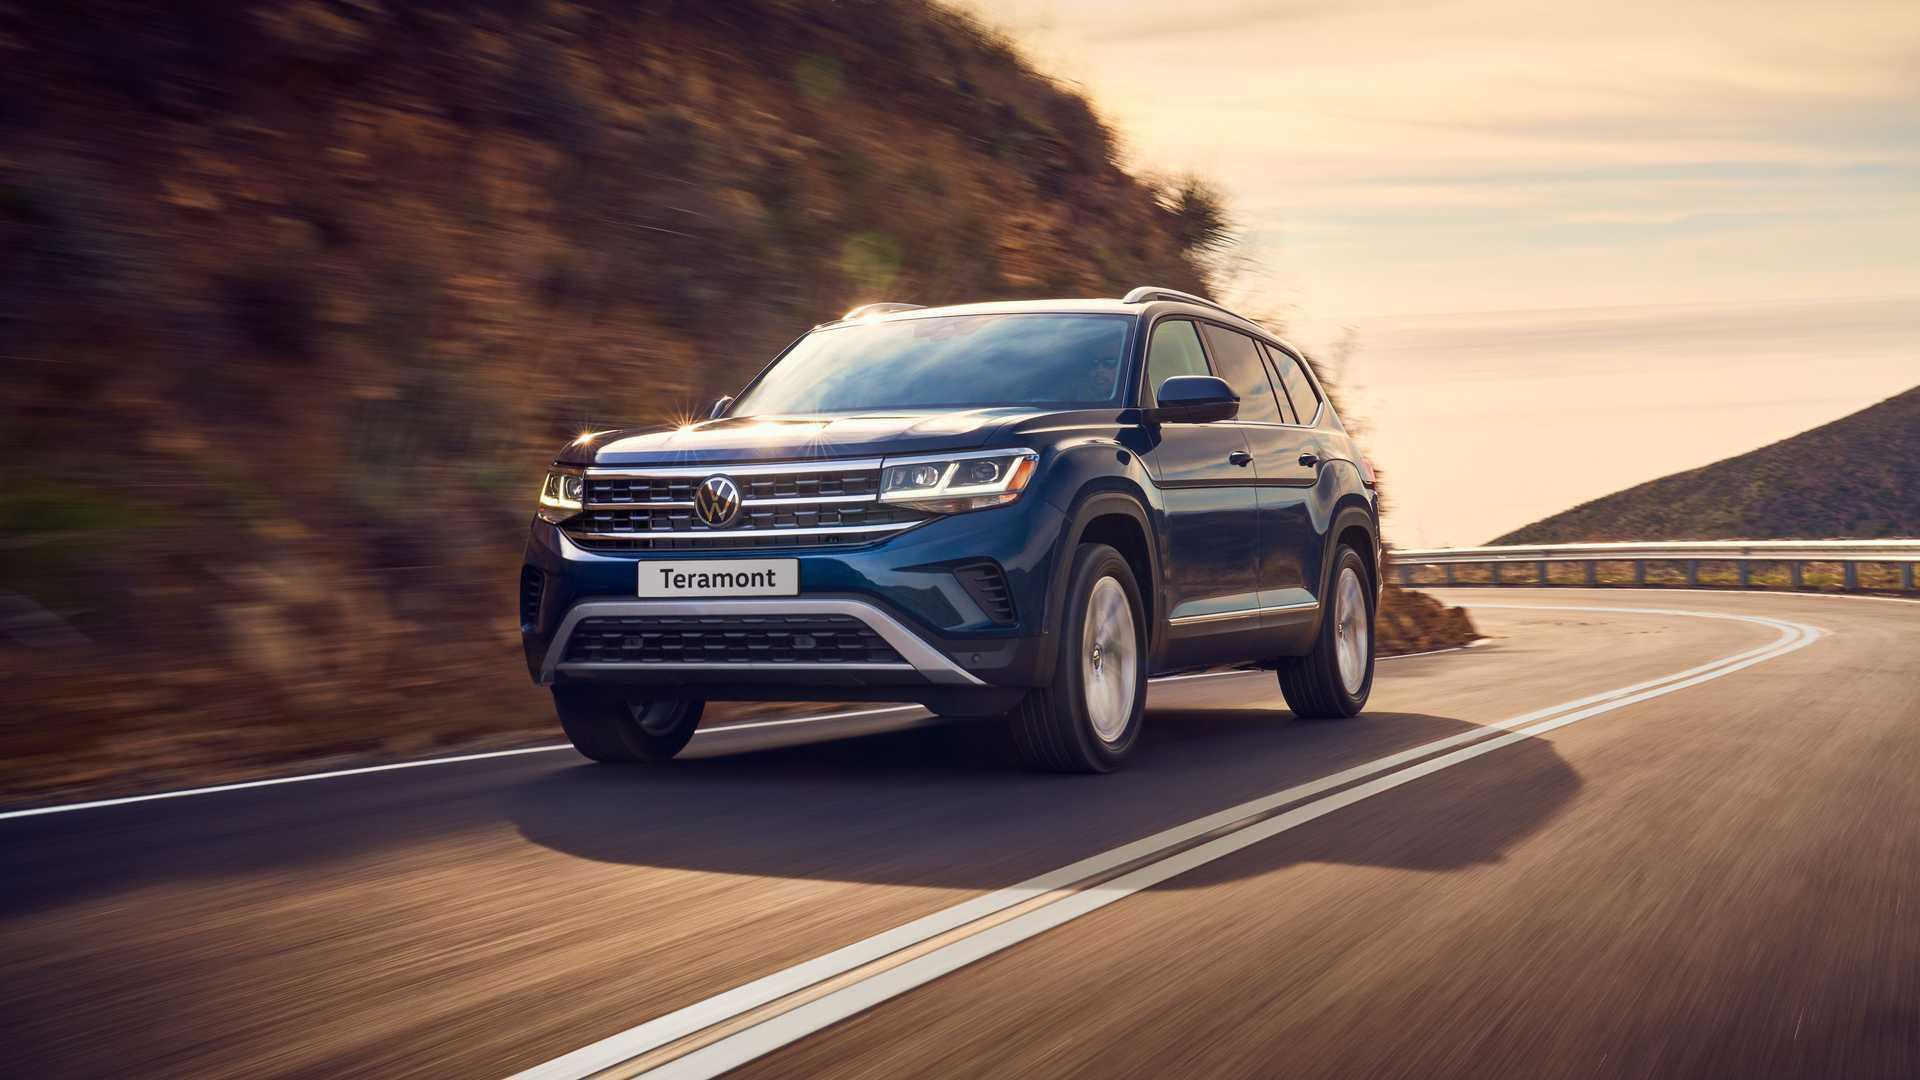 Volkswagen_Teramont_facelift_Euro-spec-0002